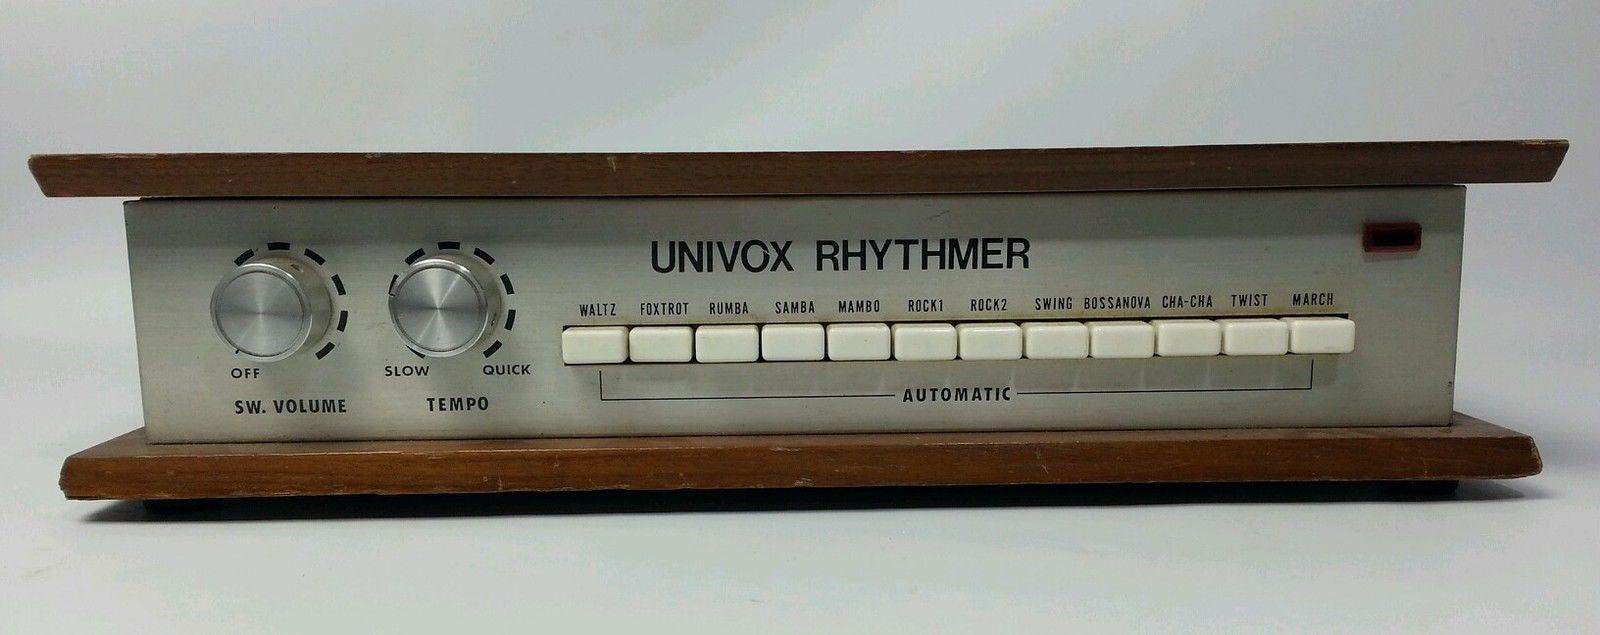 univox drum machine eBay